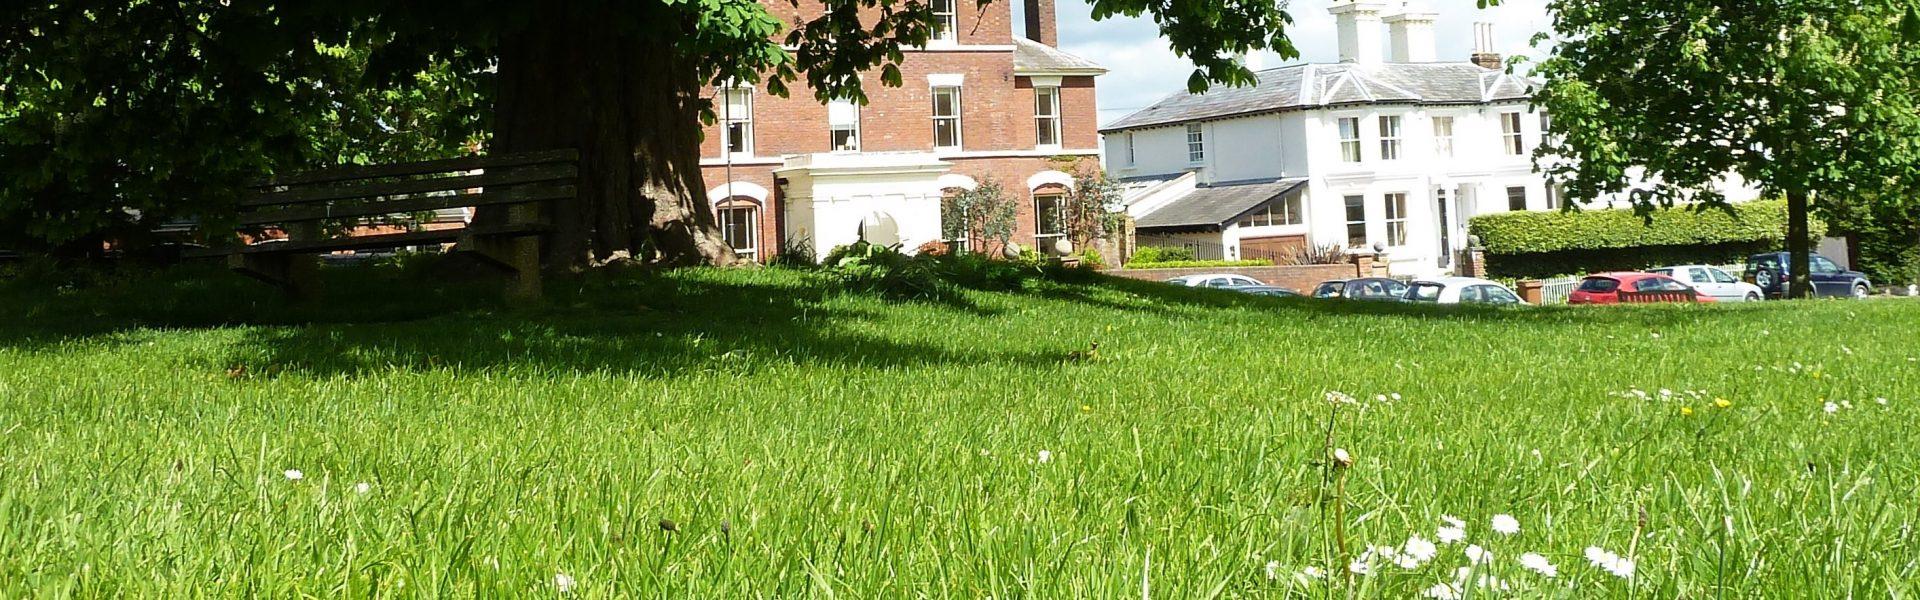 Lower Green